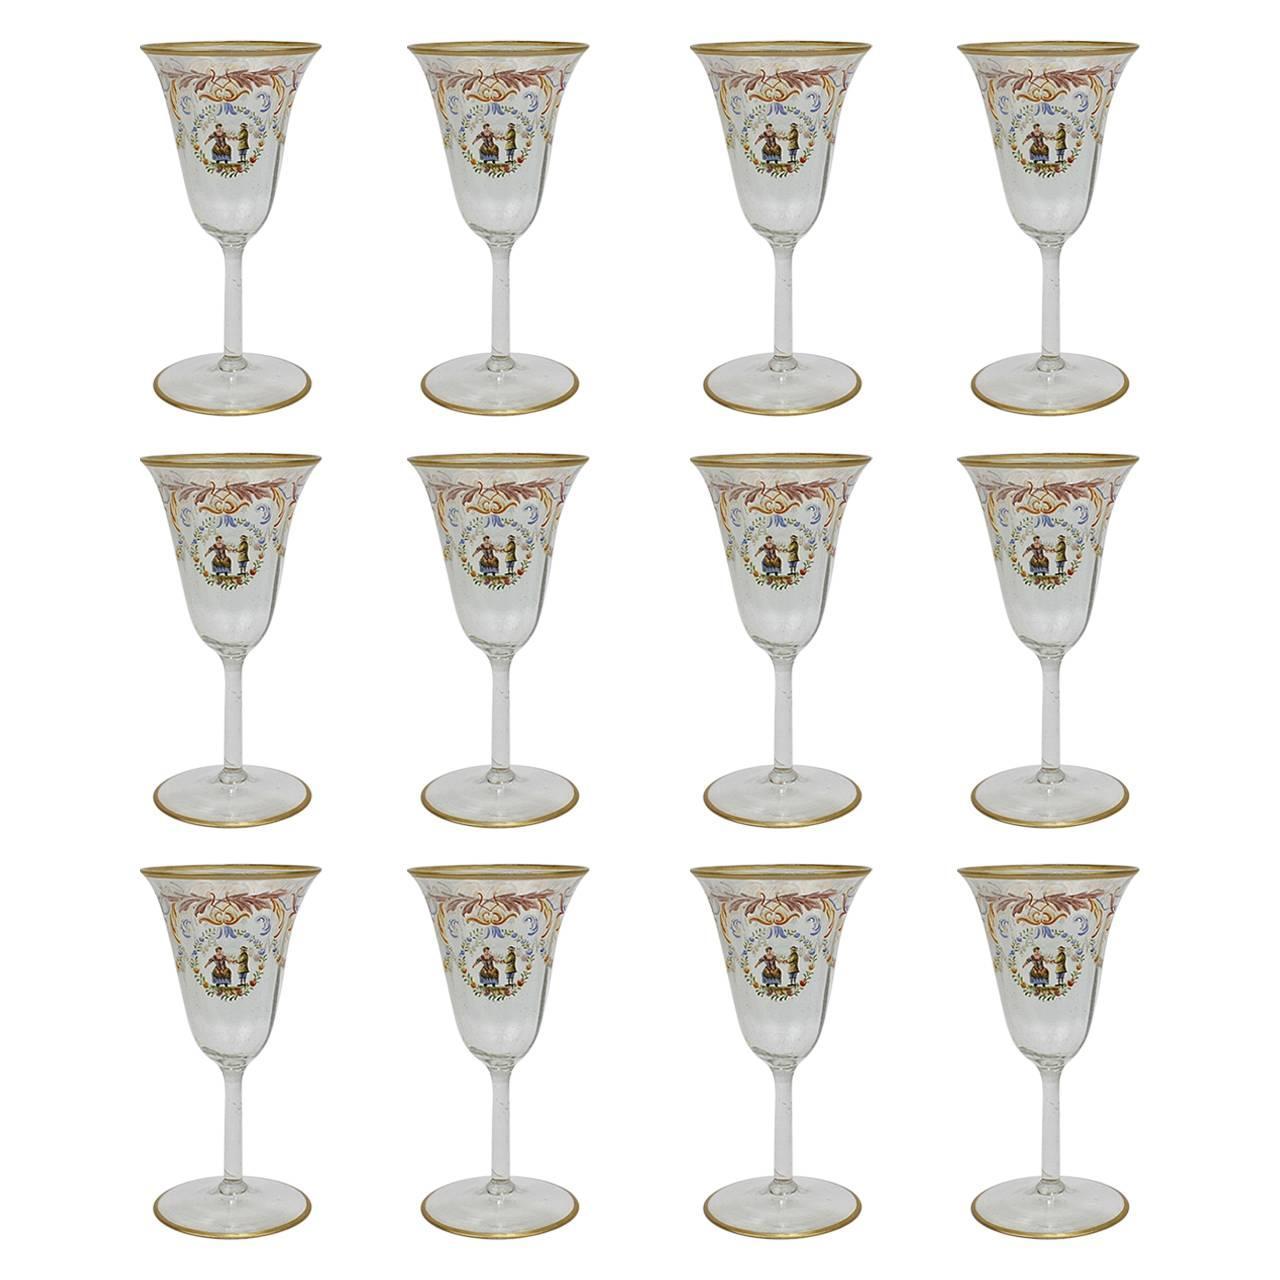 Set of 12 Enameled Venetian Glass White Wine Stems or Glasses, 1930s